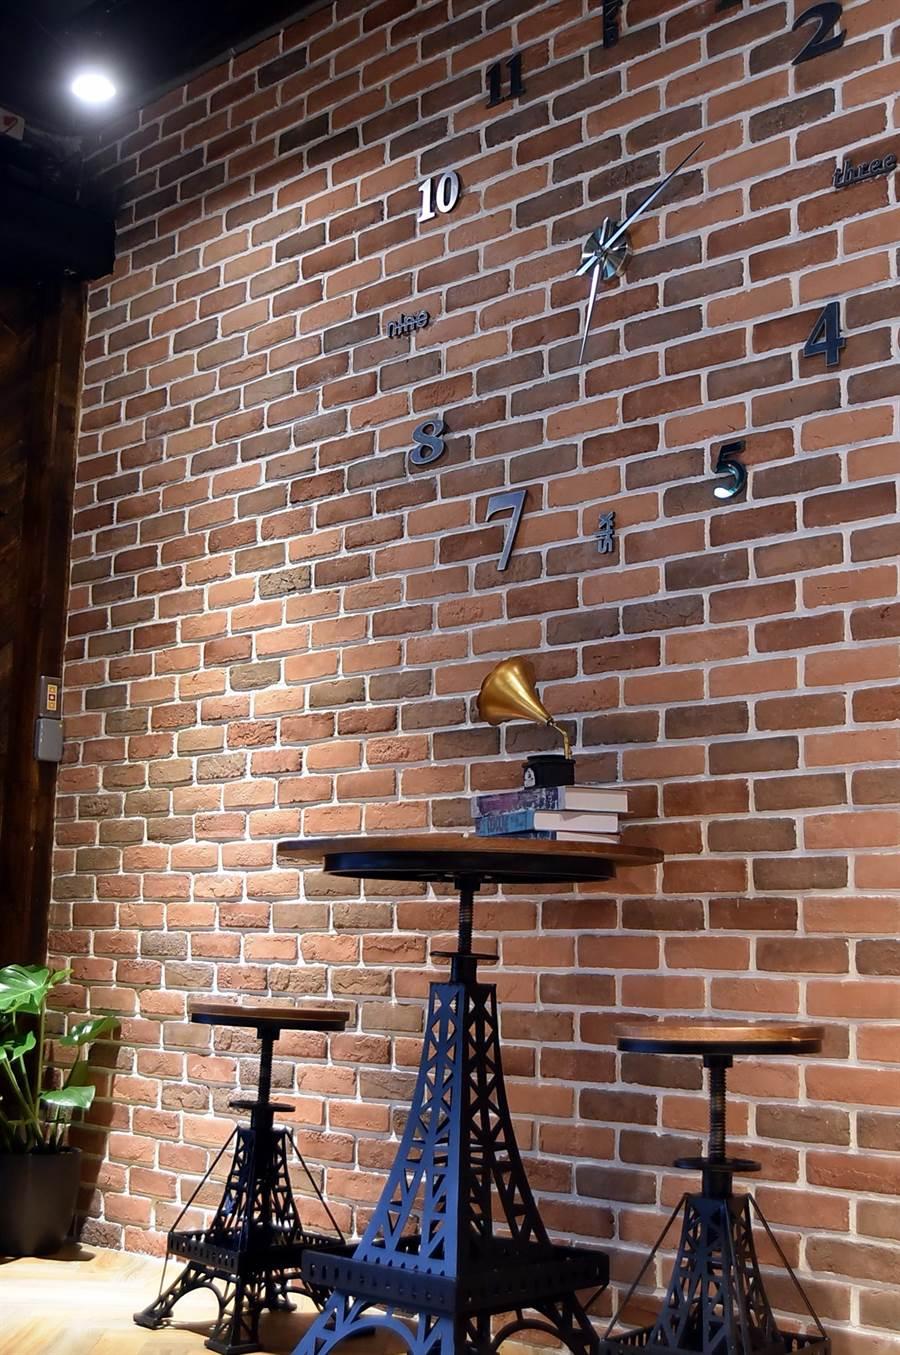 這用紅磚砌的牆面,是〈伊宛麵〉為網紅網美上IG打卡而設,讓素樸的店中增添了一點「潮」味。(攝影/姚舜)